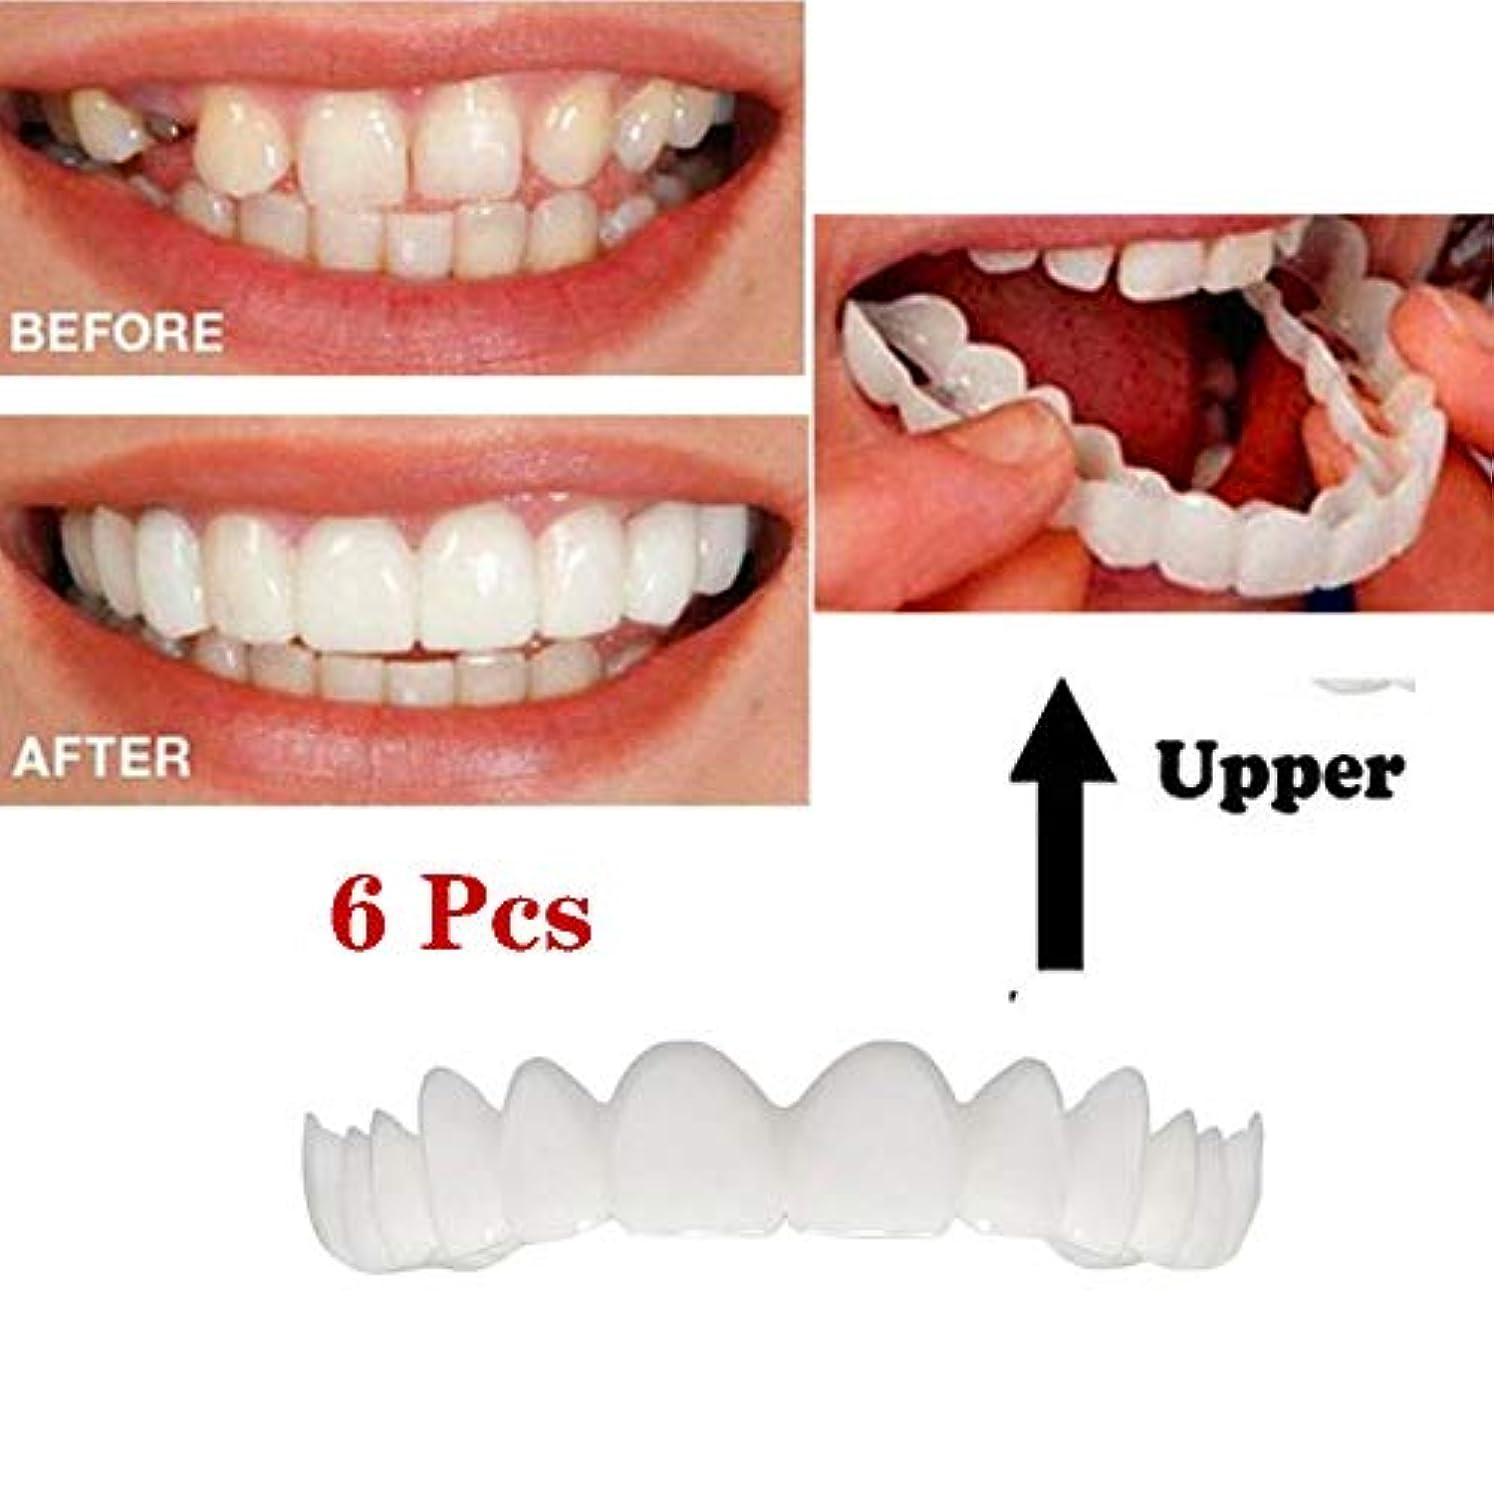 ほうきタワー部族義歯口腔ケア歯ホワイトニング義歯口腔ケアアッパーブレース一時的な化粧品歯義歯 - 6本